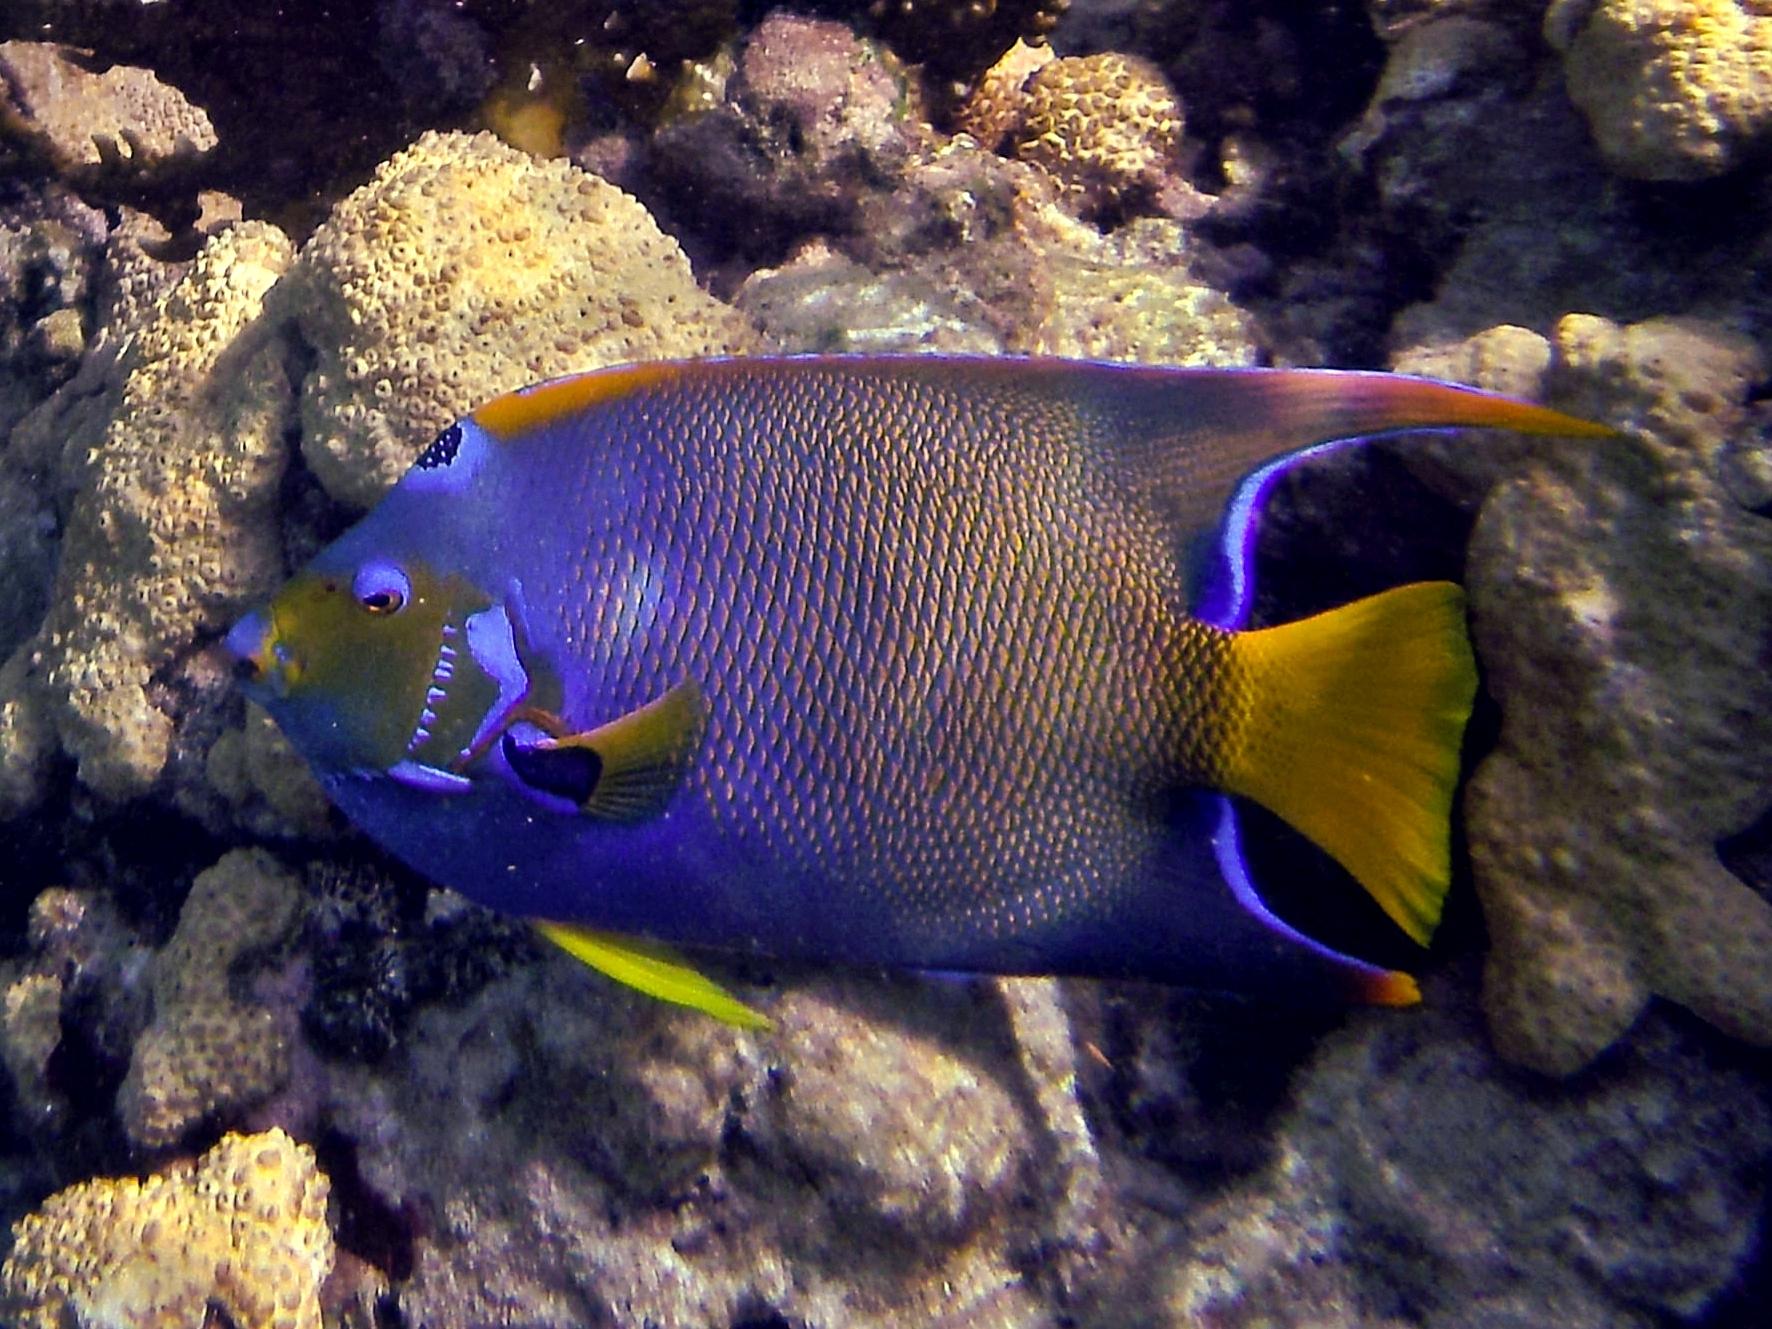 Image of Acarauna major pinnis cornutis